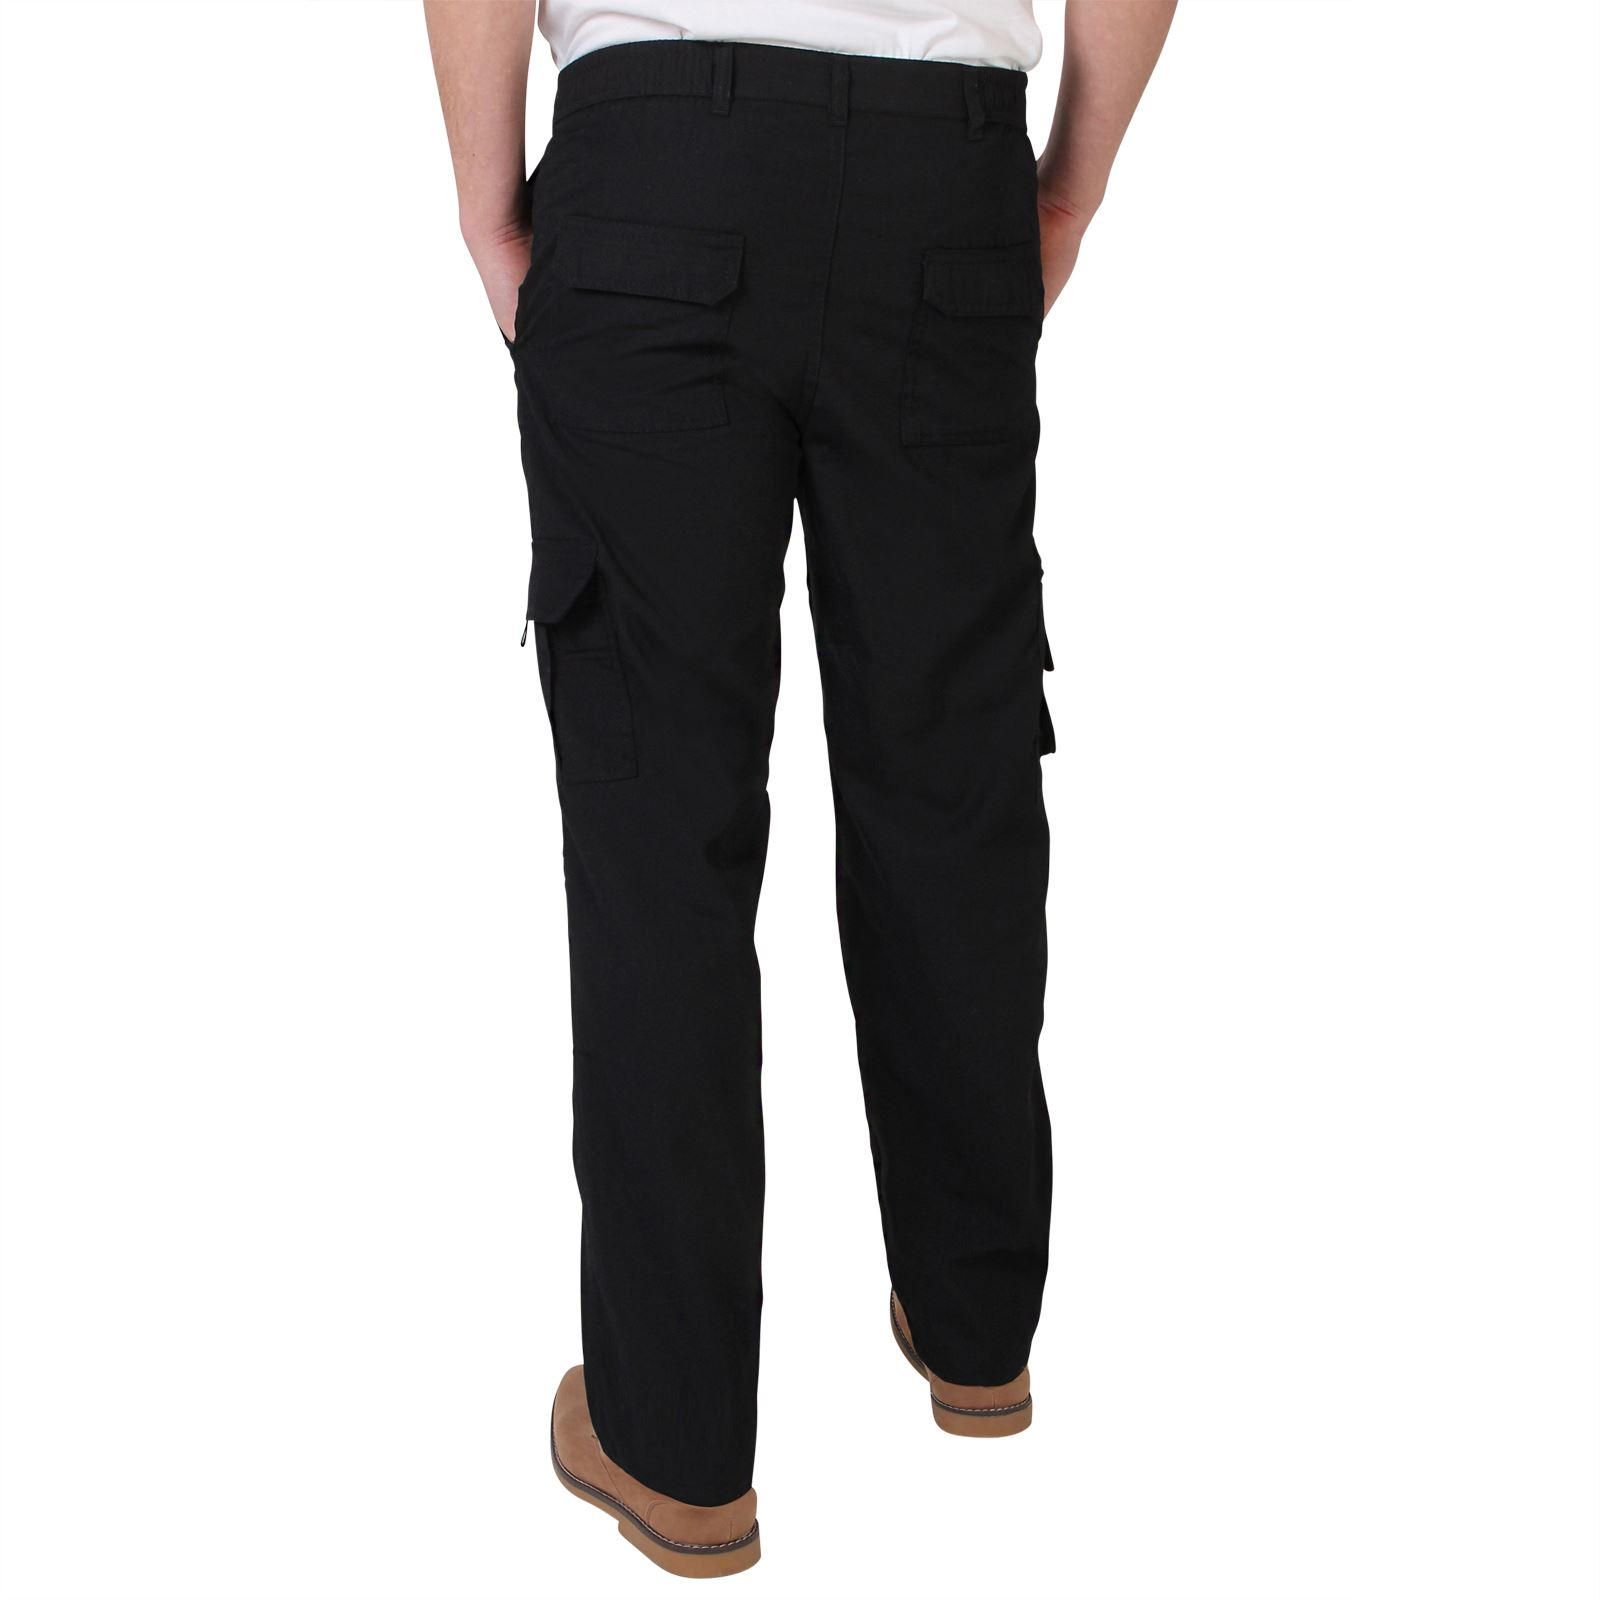 Uomo-Militare-Cargo-Pantaloni-Cotone-Lavoro-Chino-Casual-Kaki miniatura 4